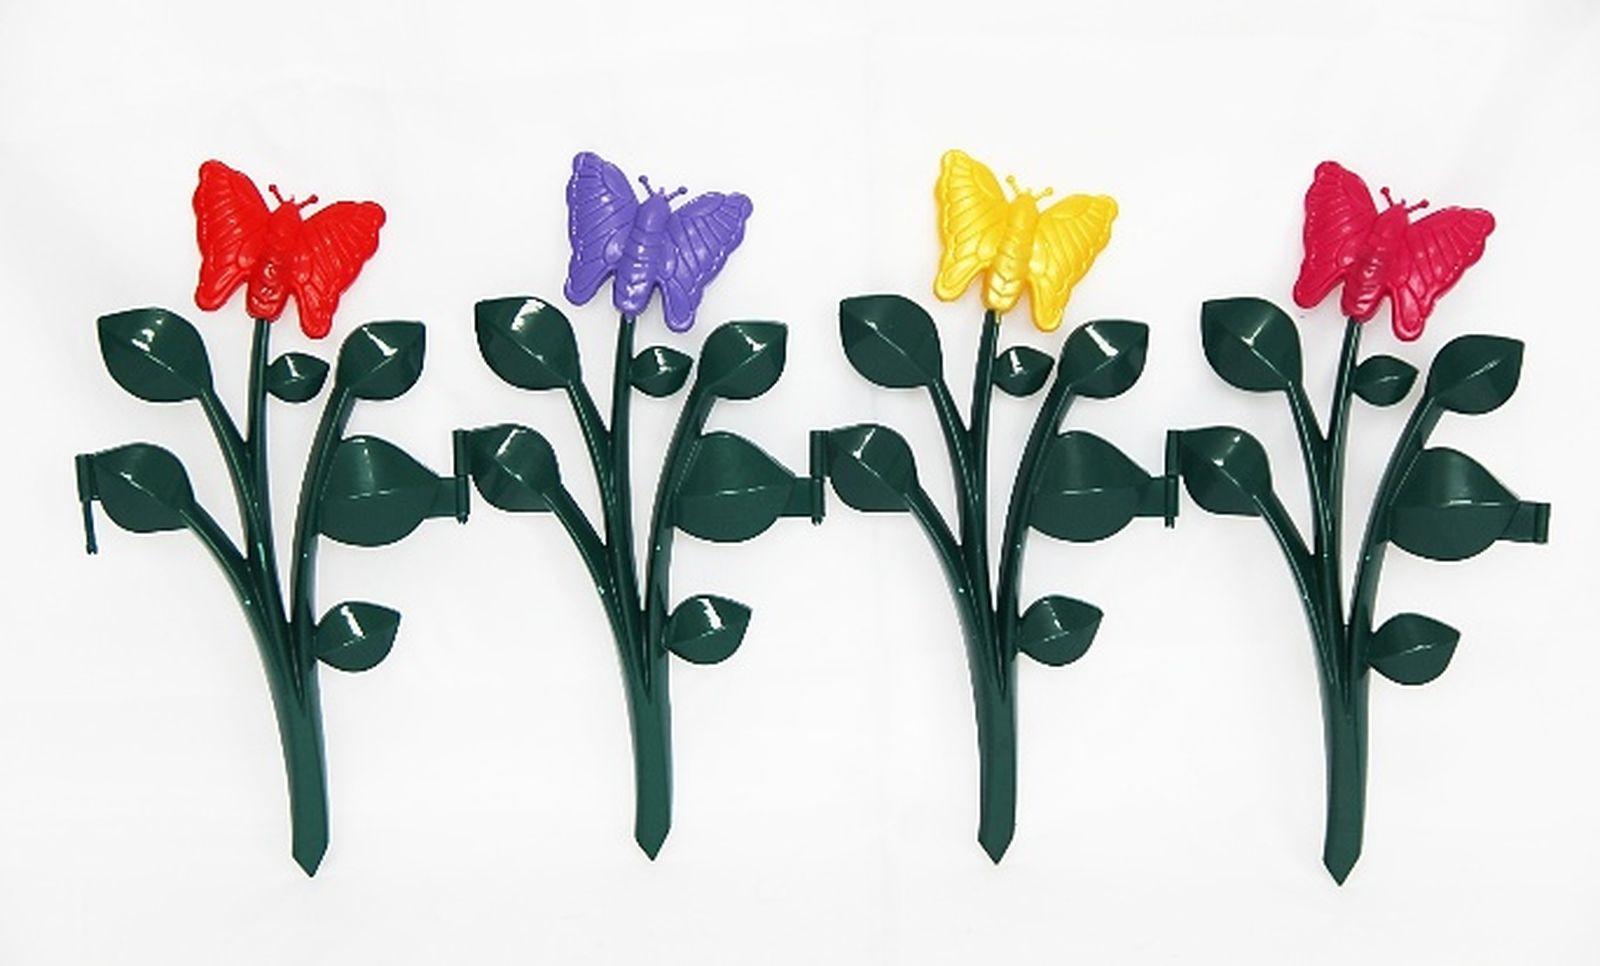 Забор садовый Бабочка, S301, 58 х 29 см, 4 шт чехол для для мобильных телефонов oem philips s301 s308 s301 5 s301 cases